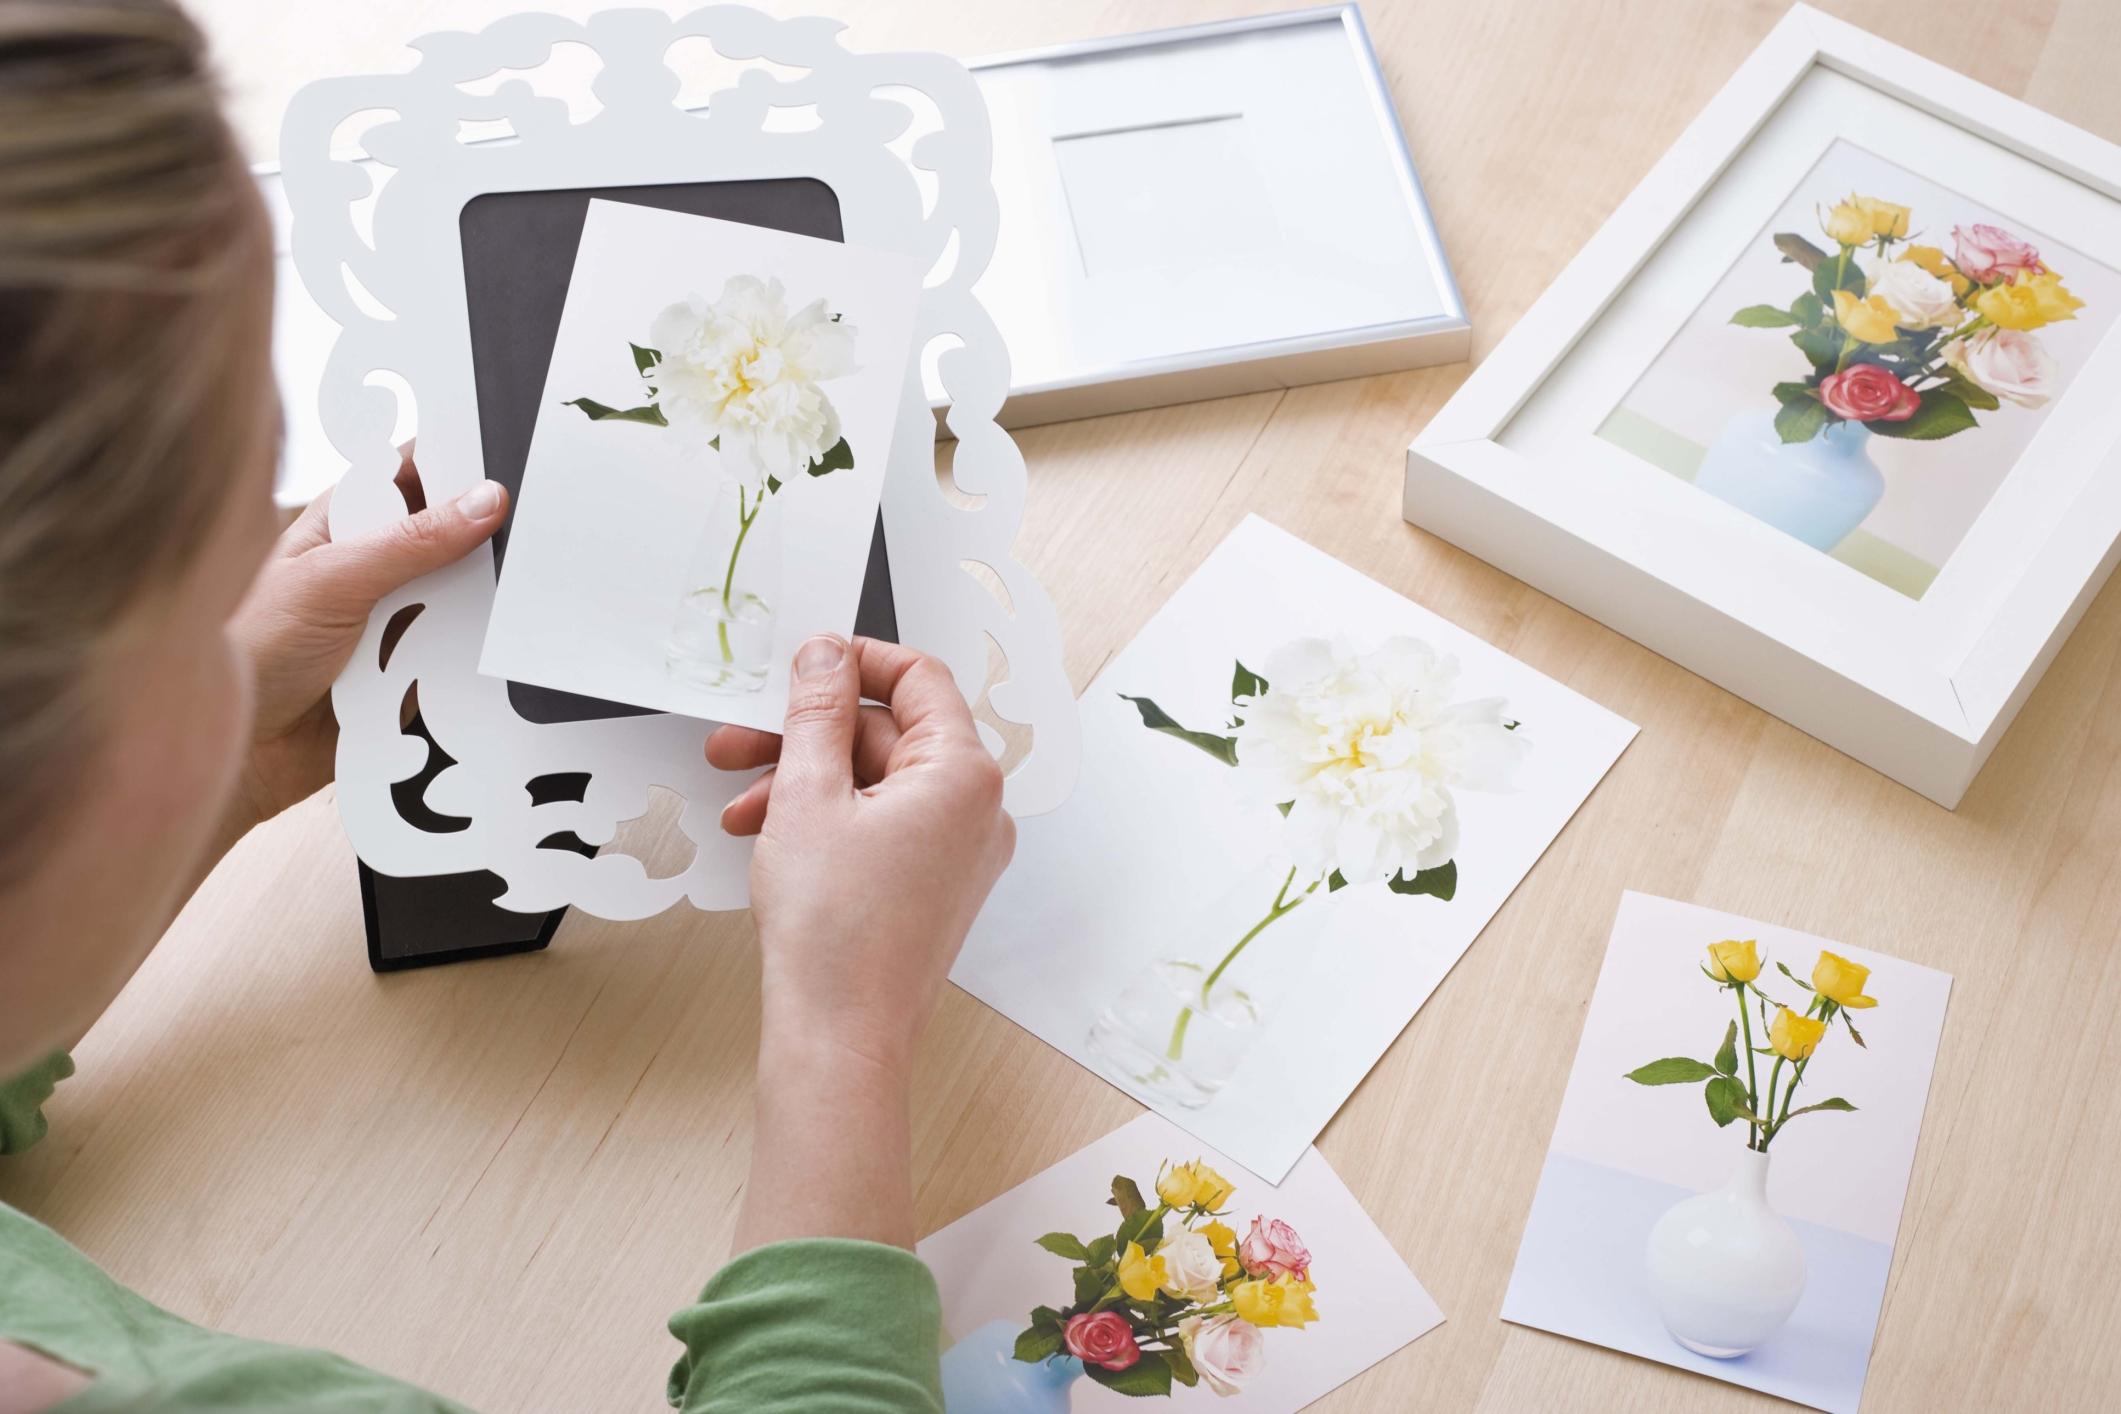 Cómo Imprimir Fotos En Medidas Específicas En 4 Pasos